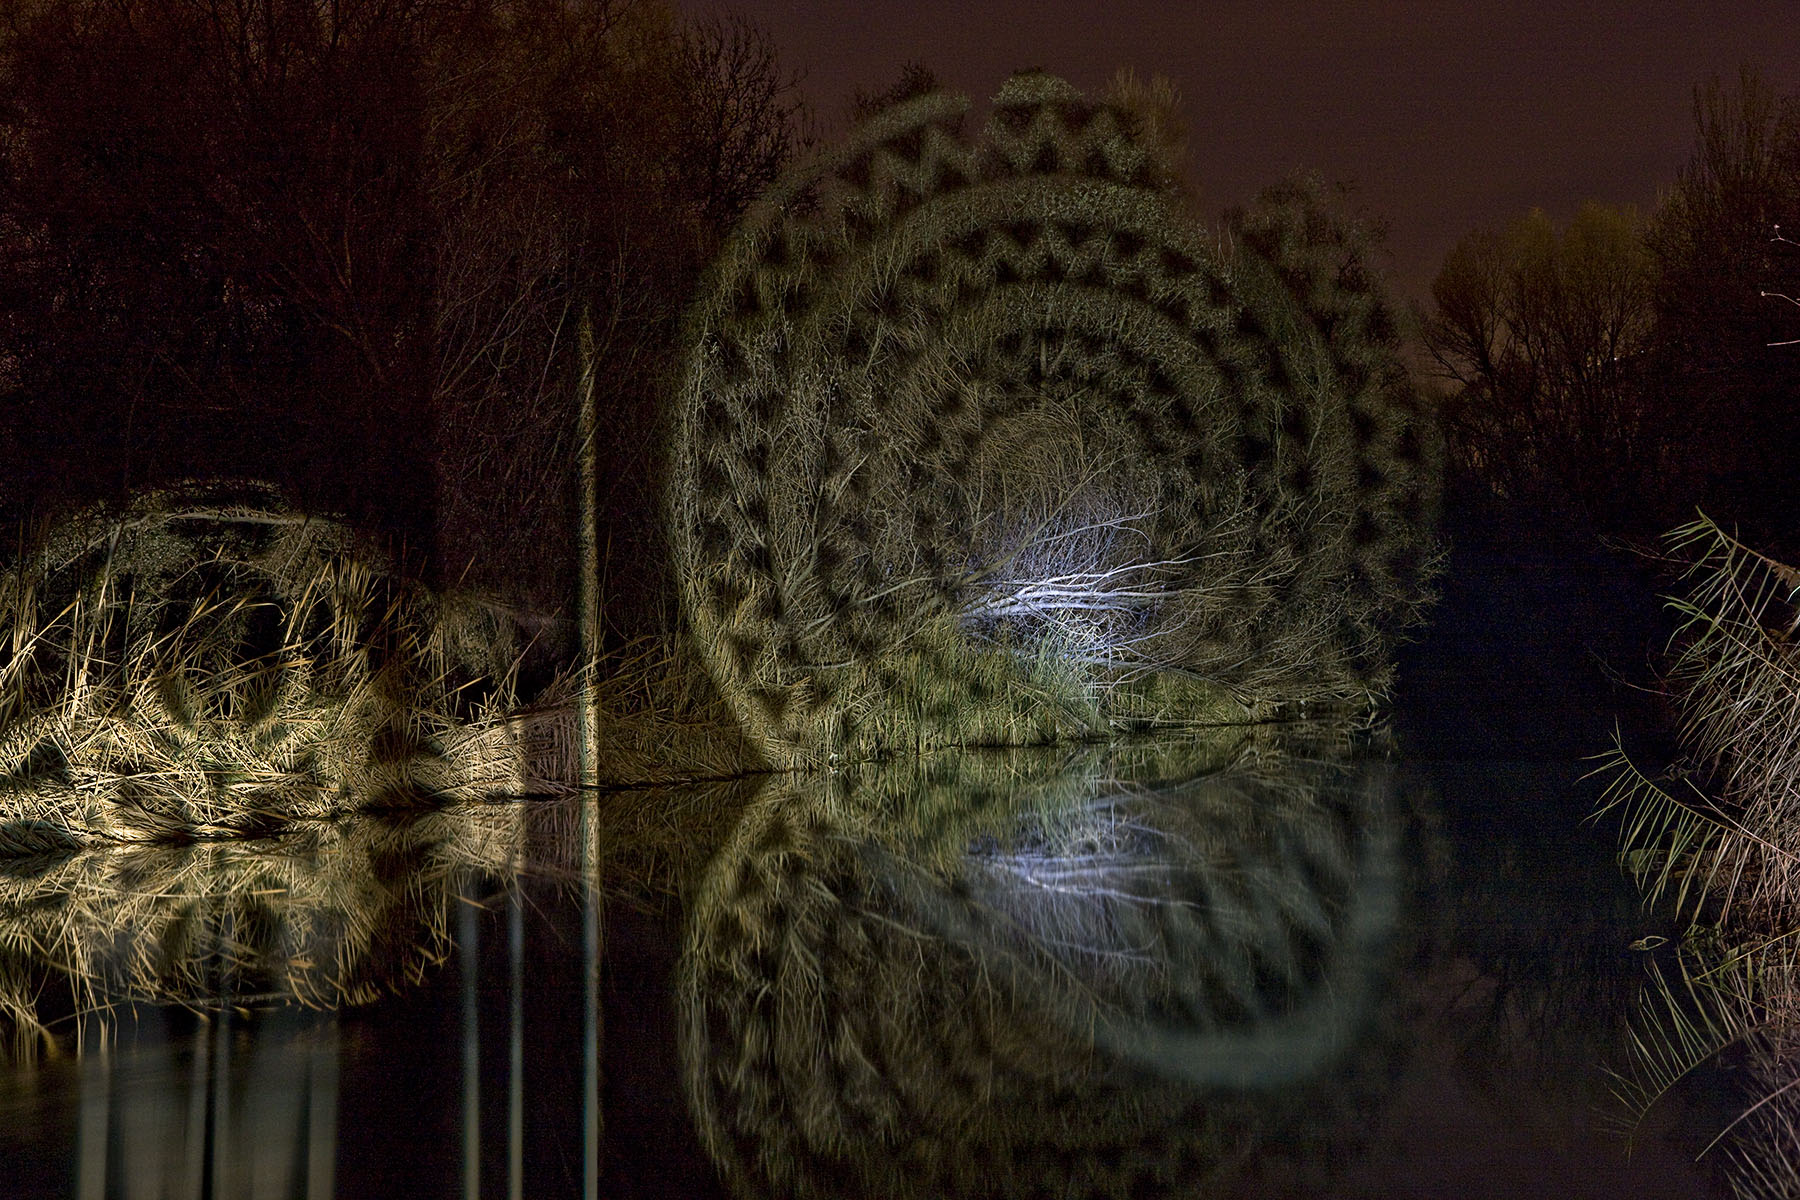 círculos concéntricos, en la naturaleza fotografía de javier riera